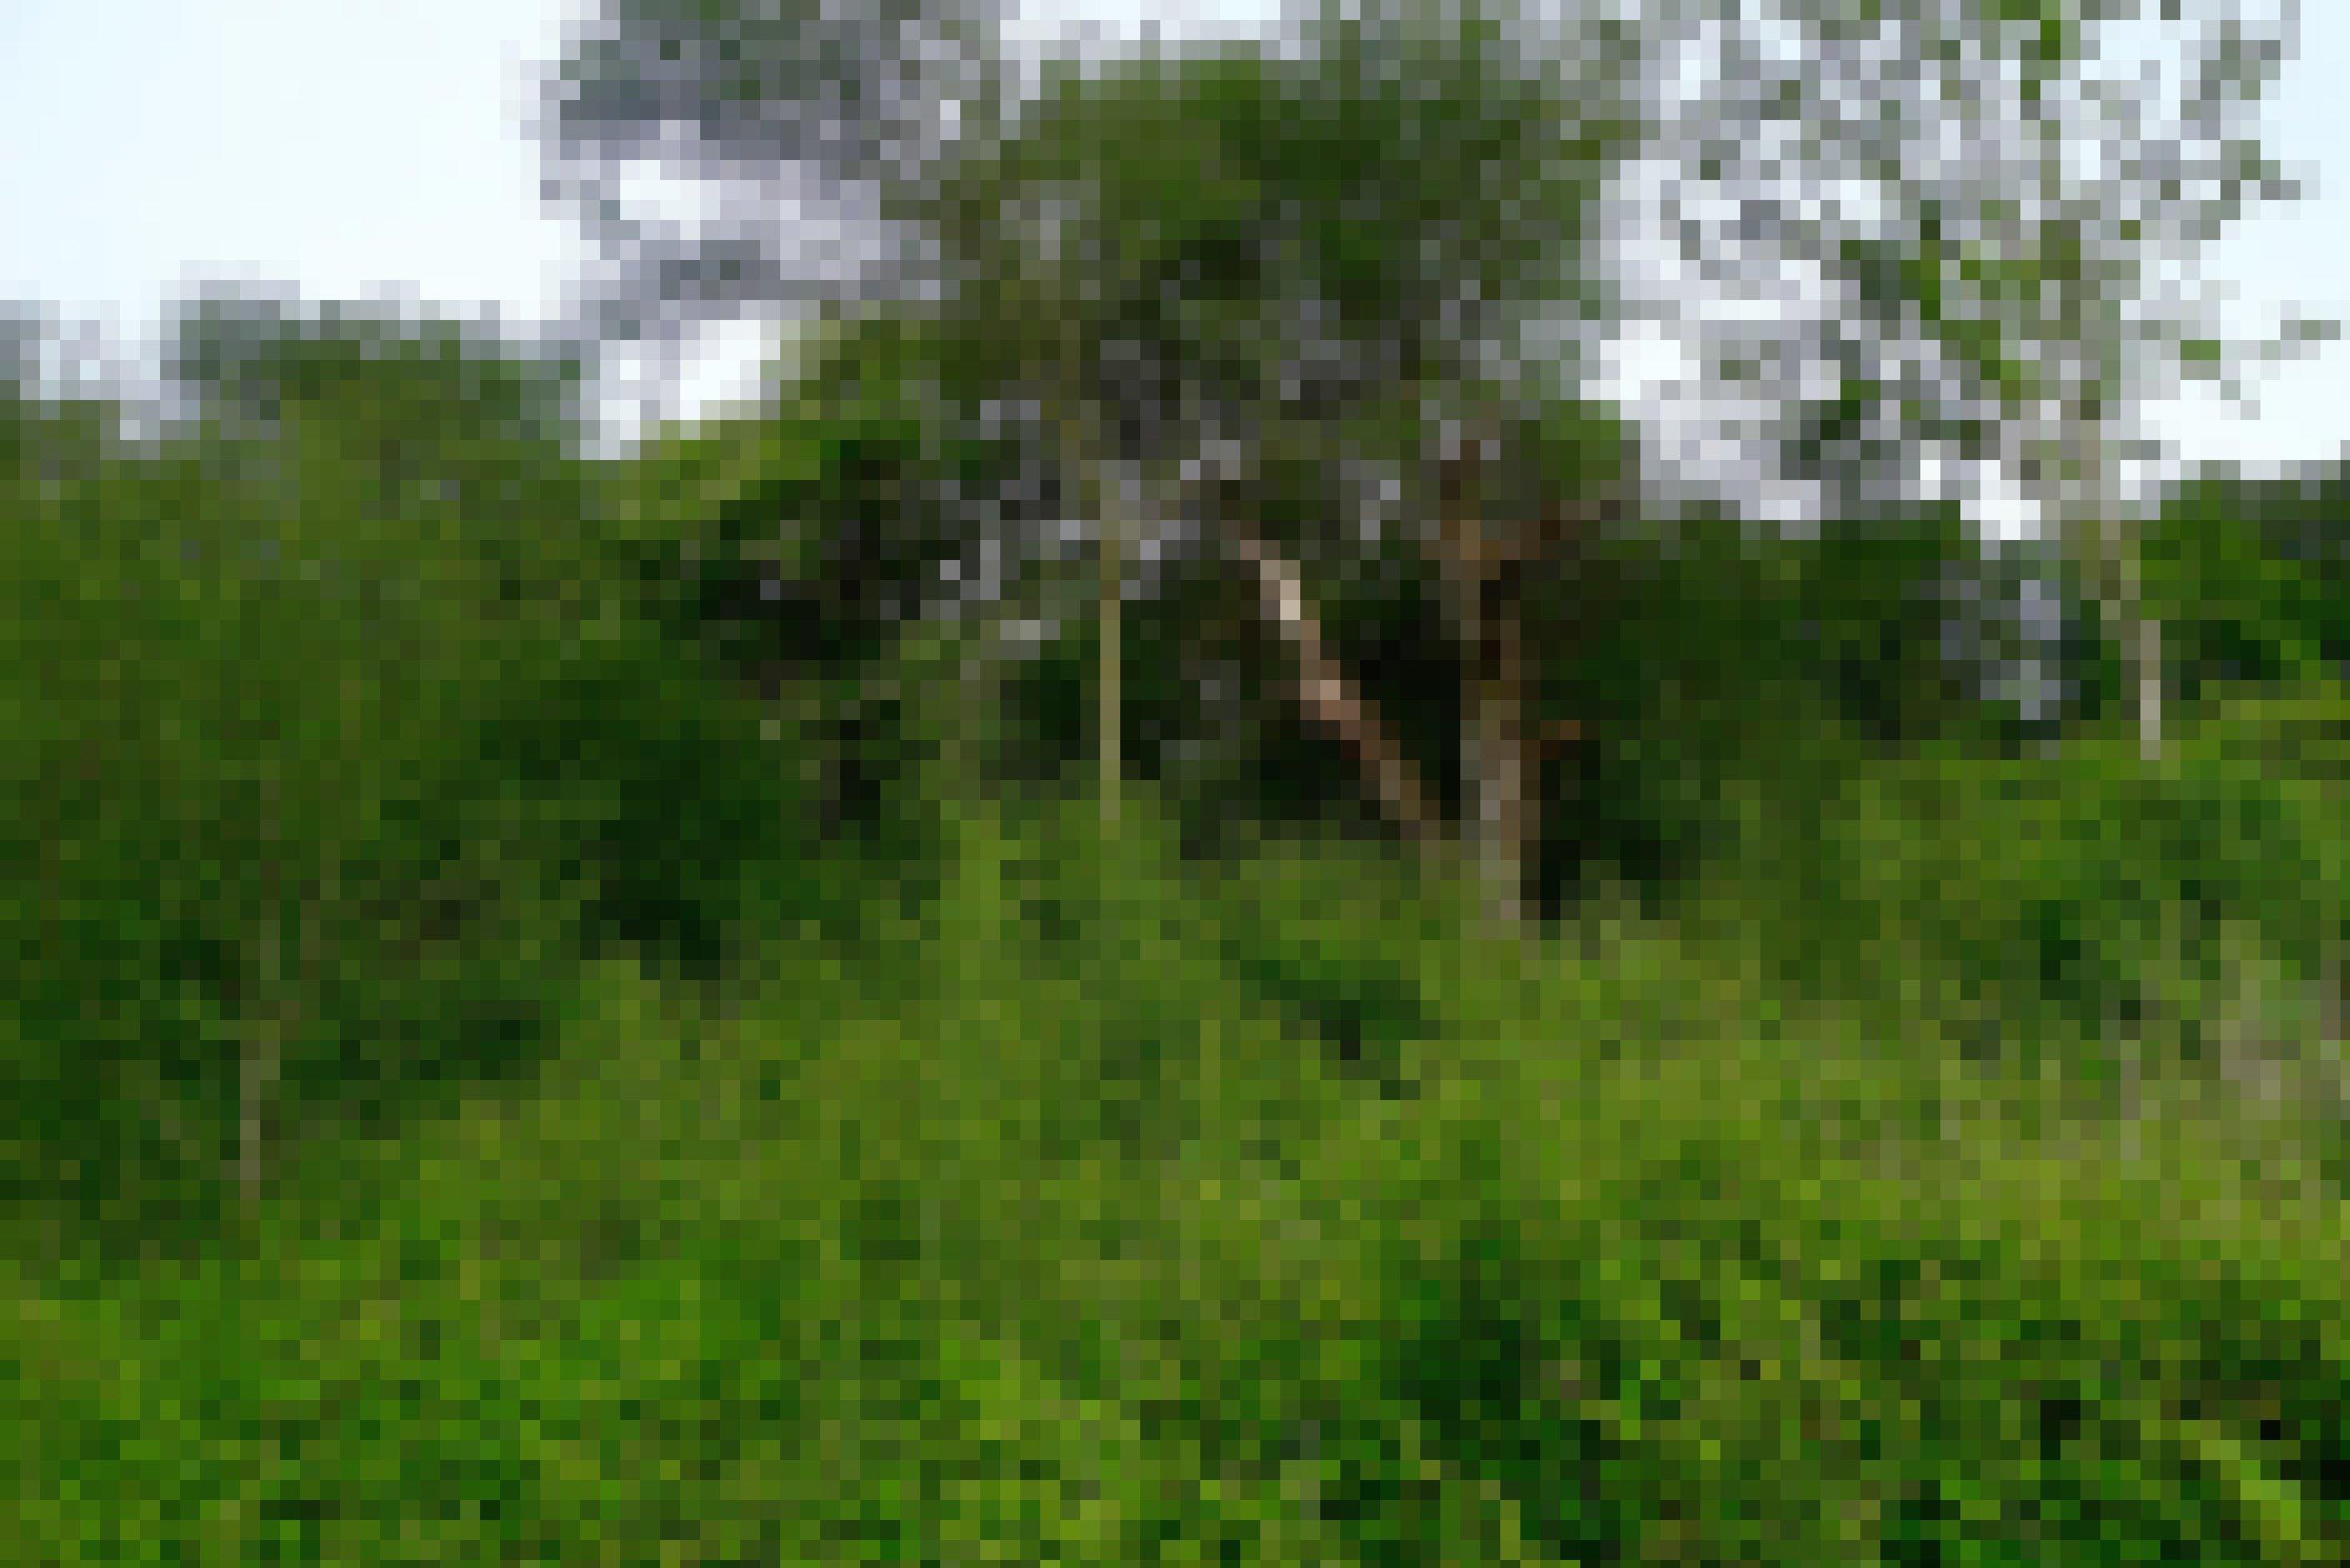 Eine Hecke mit Nuss- und Kirschbäumen, die über eine Wiese verläuft.